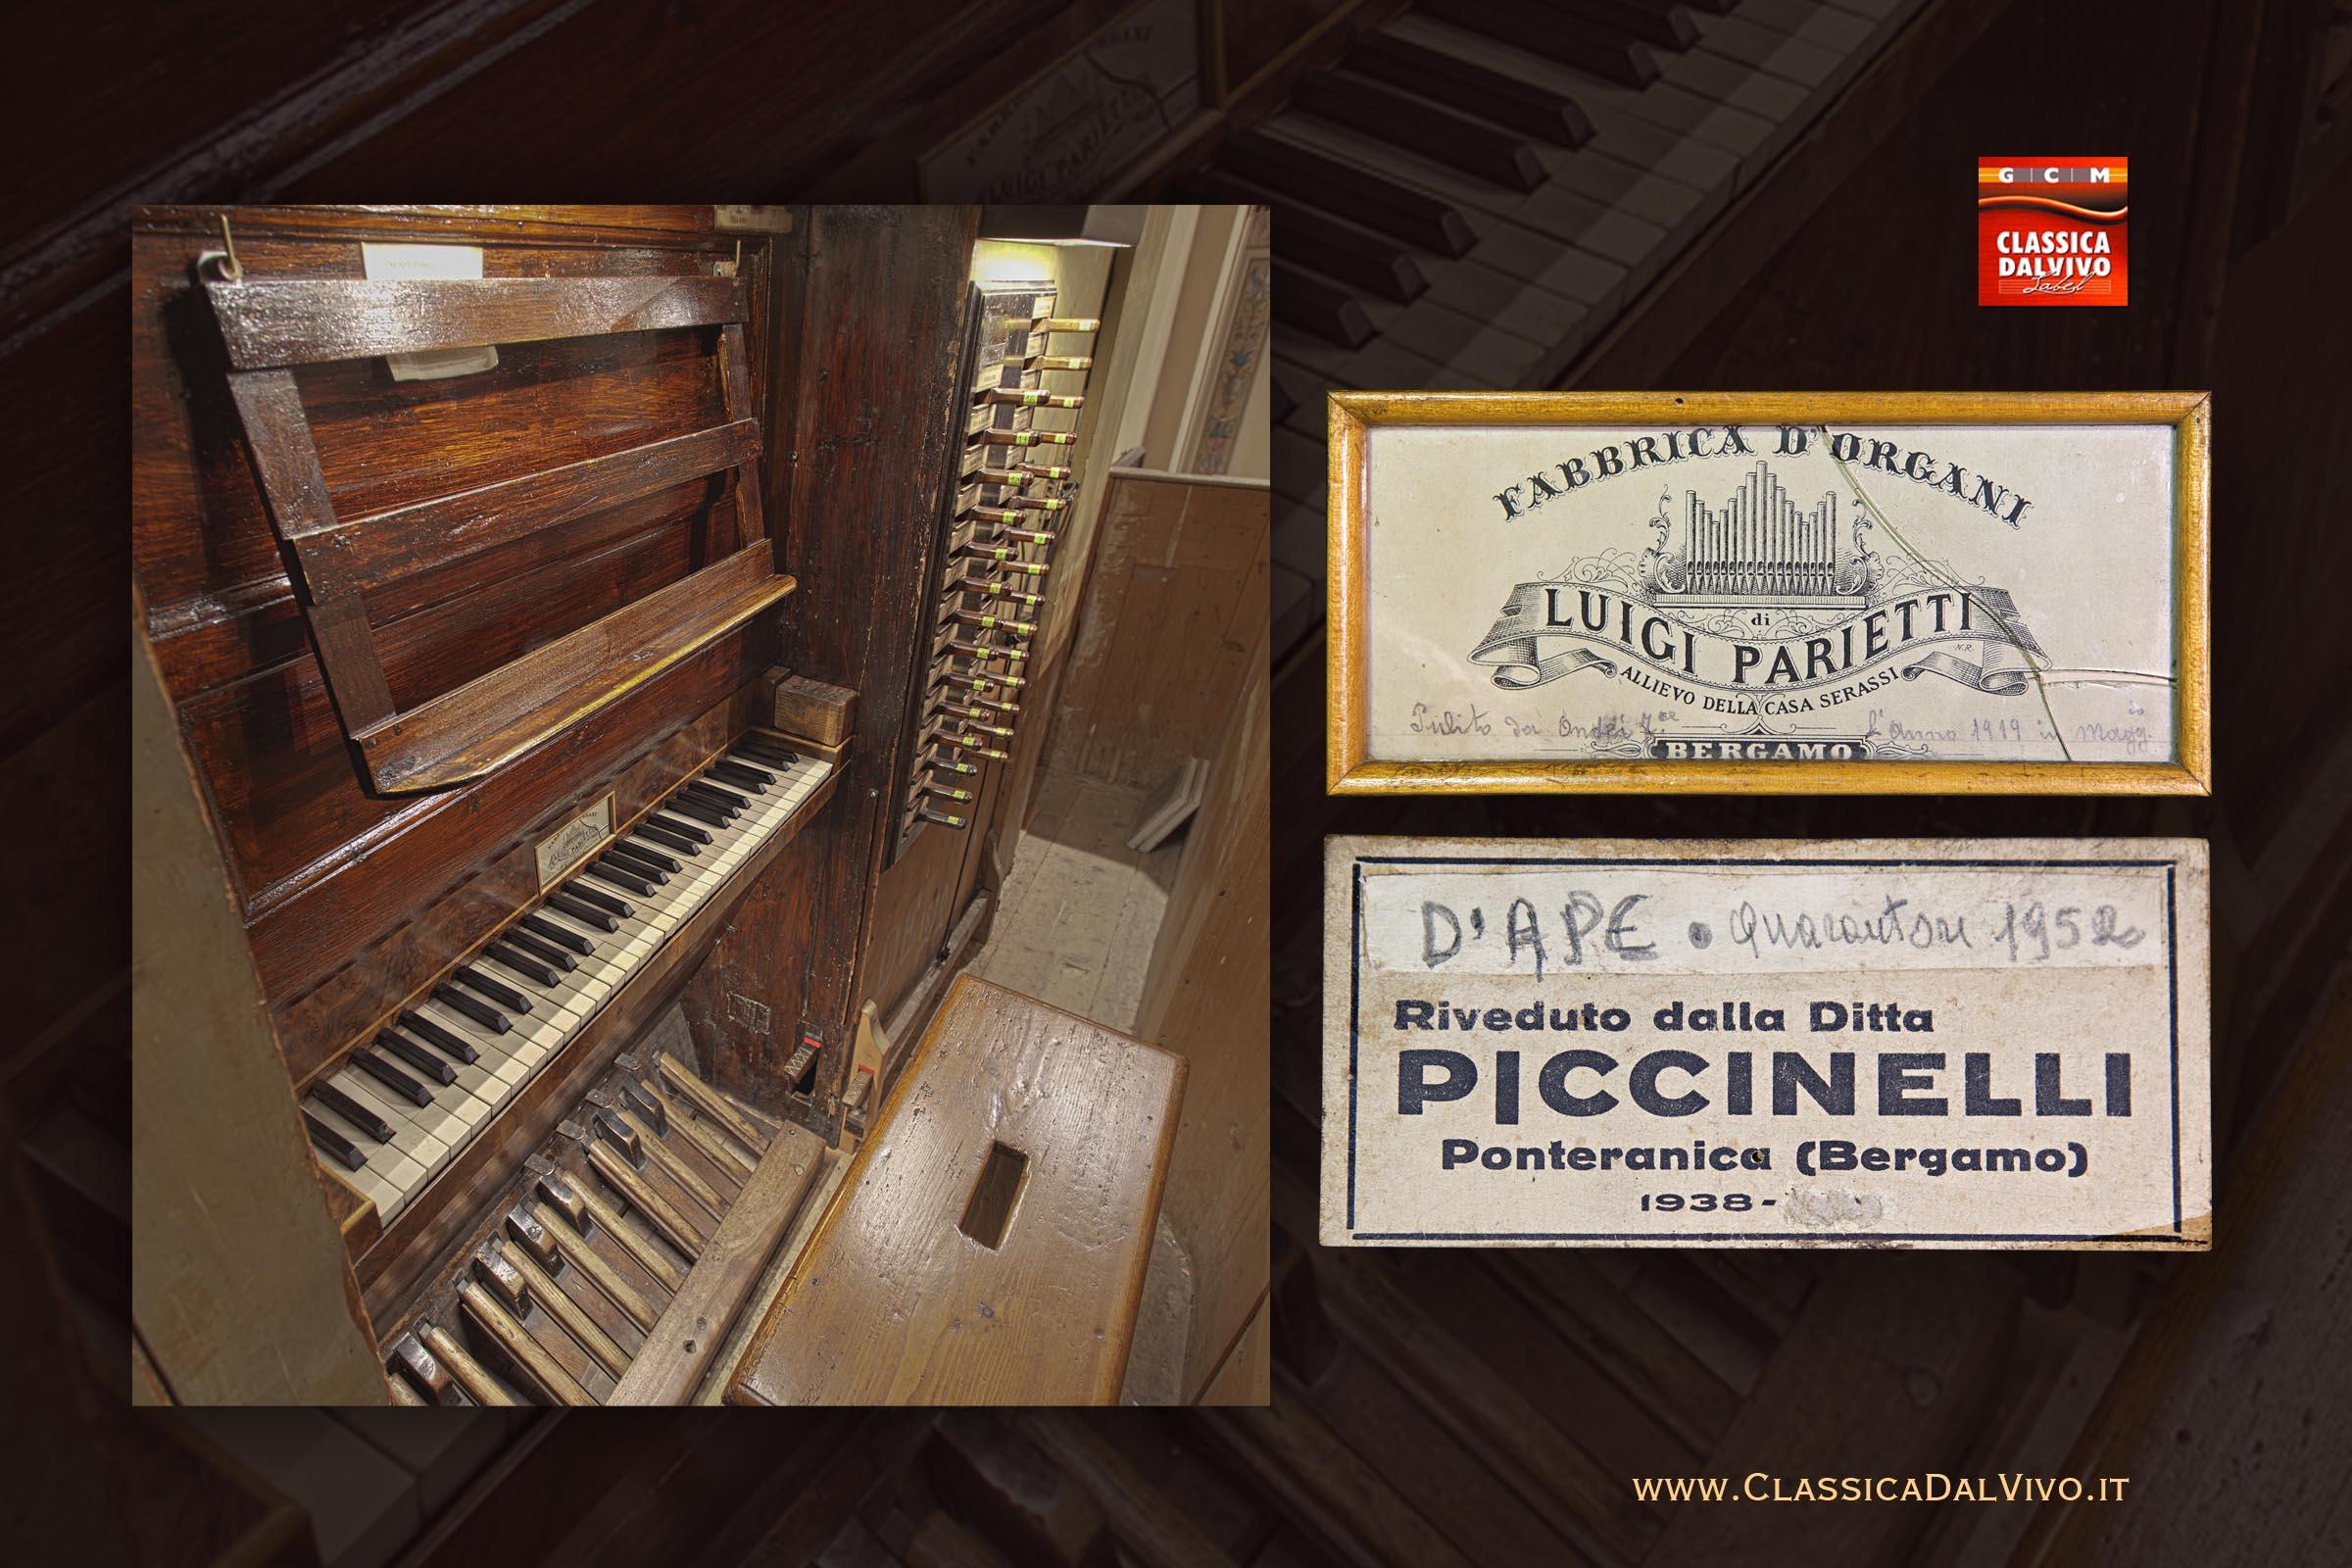 Organo Luigi Parietti 1880 di Mezzoldo Bergamo